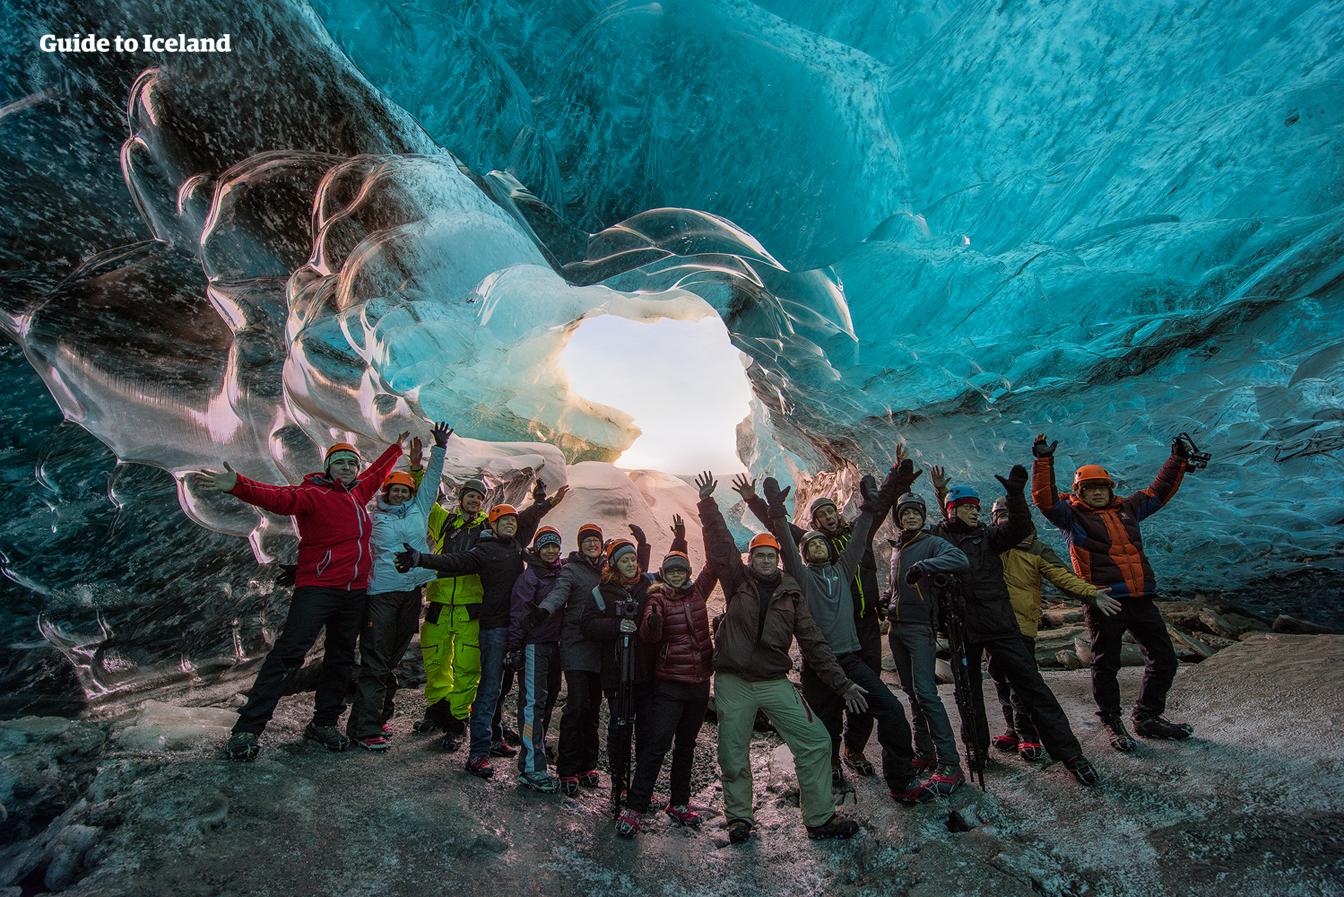 ทุกที่ที่คุณมองเข้าไปในถ้ำน้ำแข็ง มั่นใจได้ว่าคุณจะรู้สึกทึ่งและความประทับใจในแสงสีฟ้า.